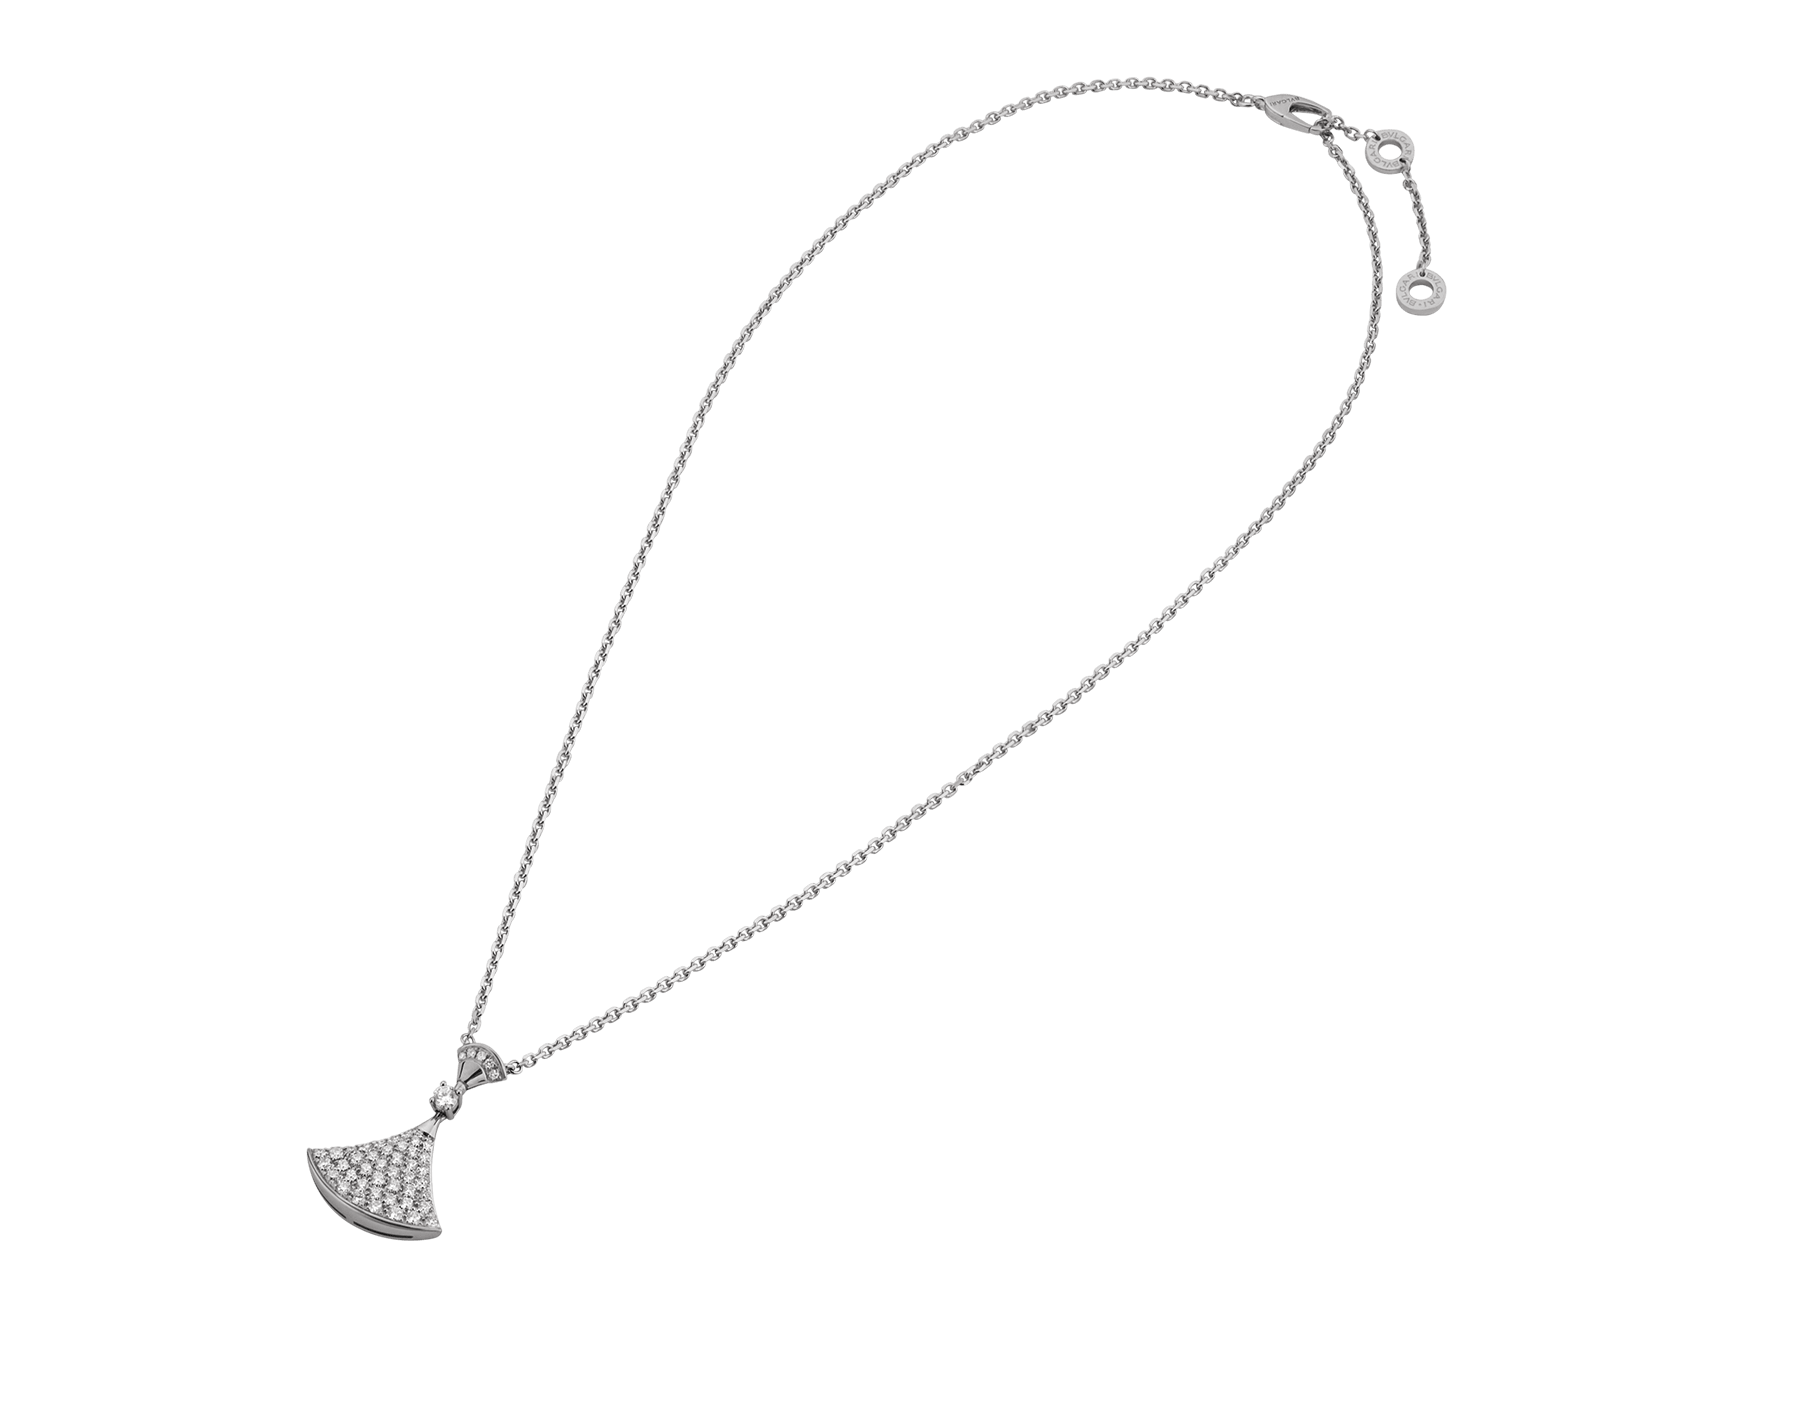 18Kホワイトゴールド製ディーヴァ ドリーム ネックレス。ペンダントトップには、ダイヤモンド1個とパヴェダイヤモンドをあしらいました。 350066 image 2